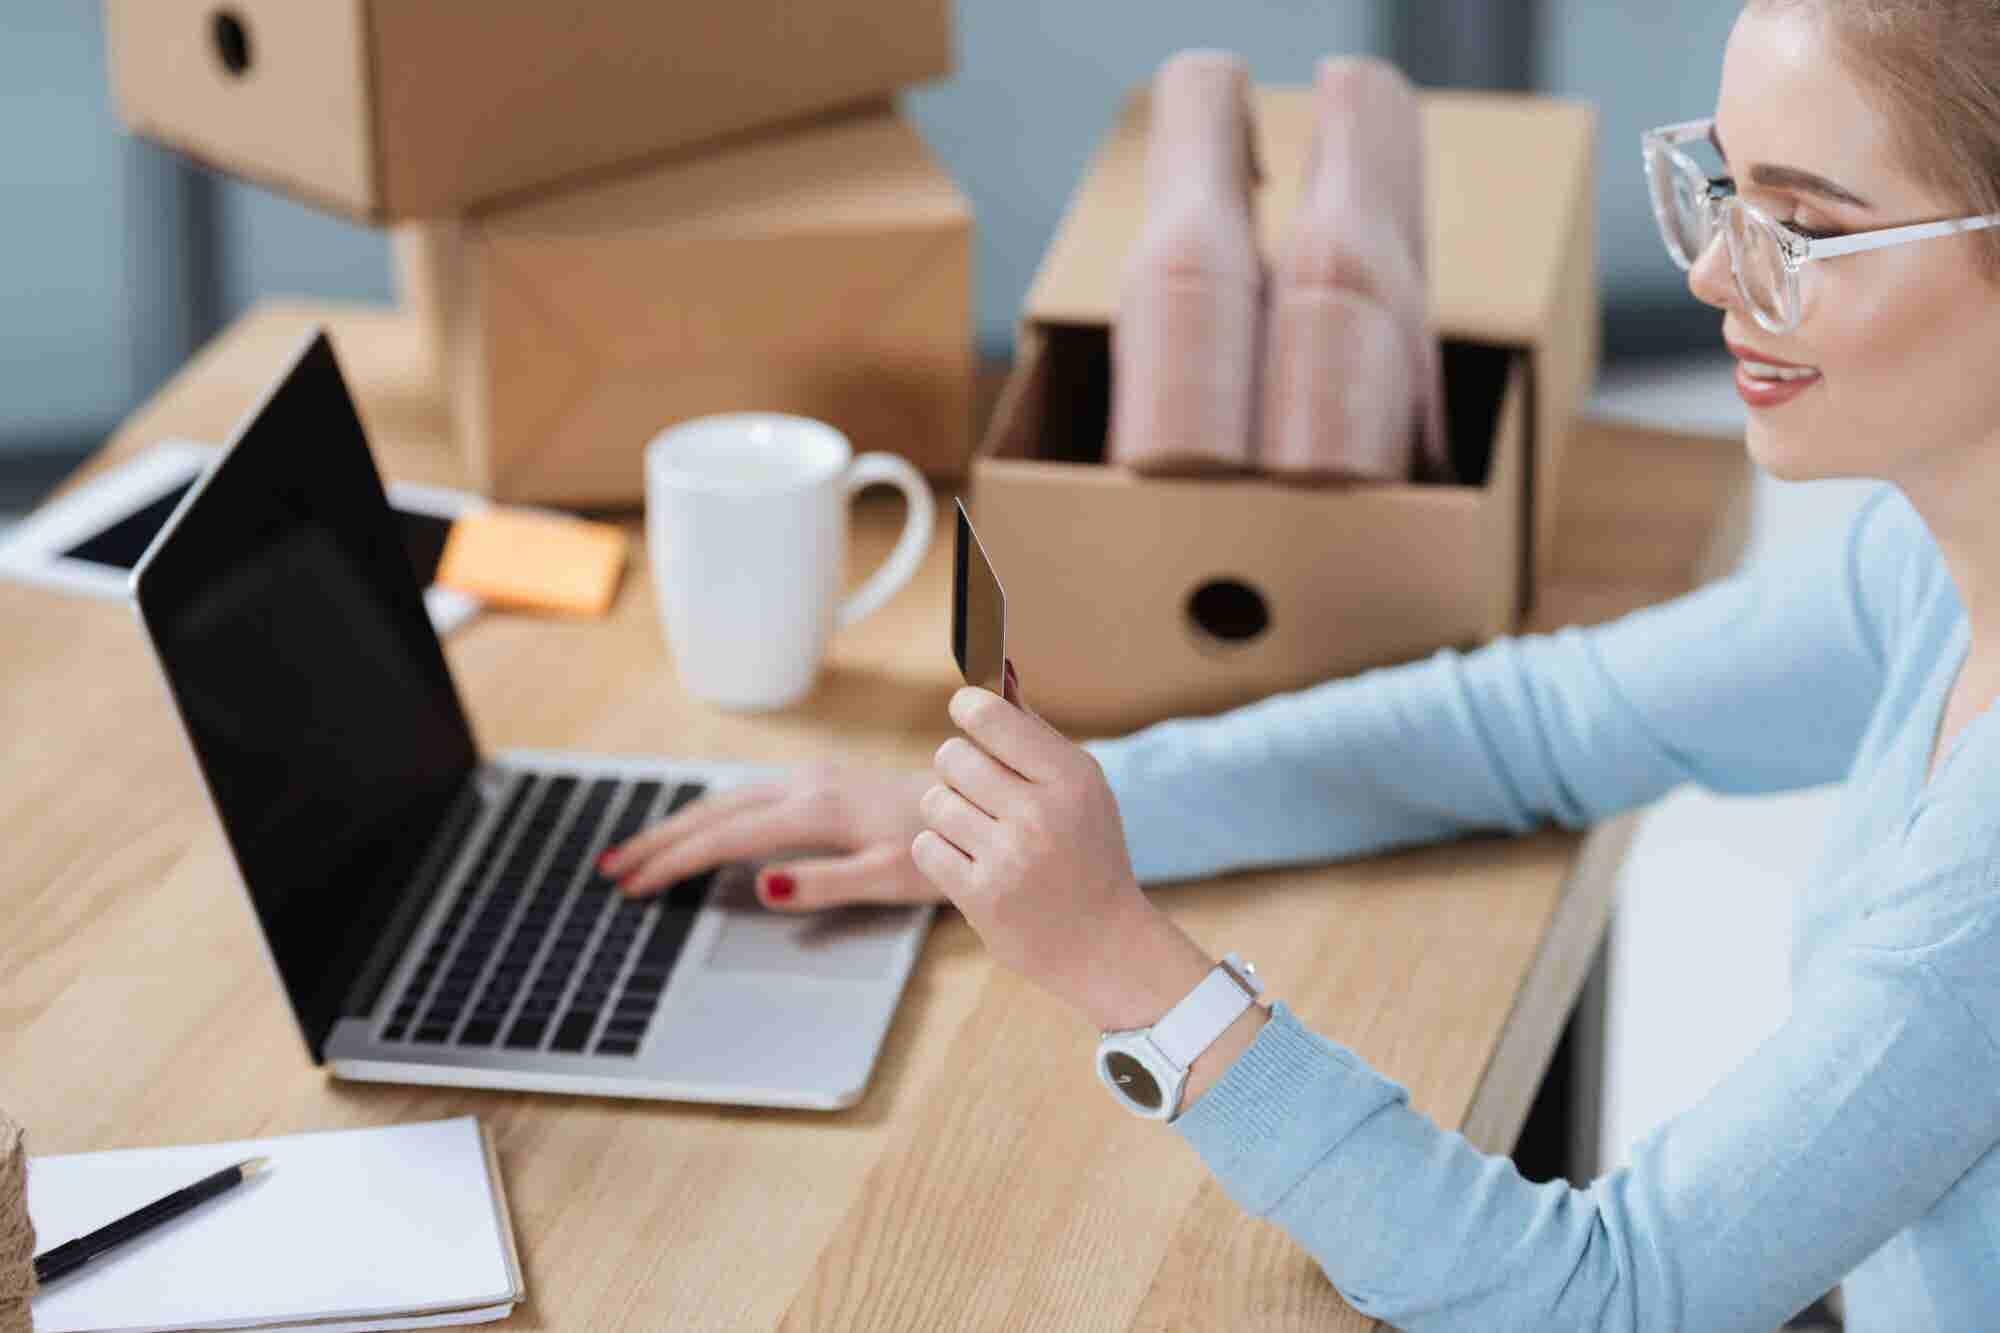 Las 10 mejores ideas de negocios para arrancar en 2019